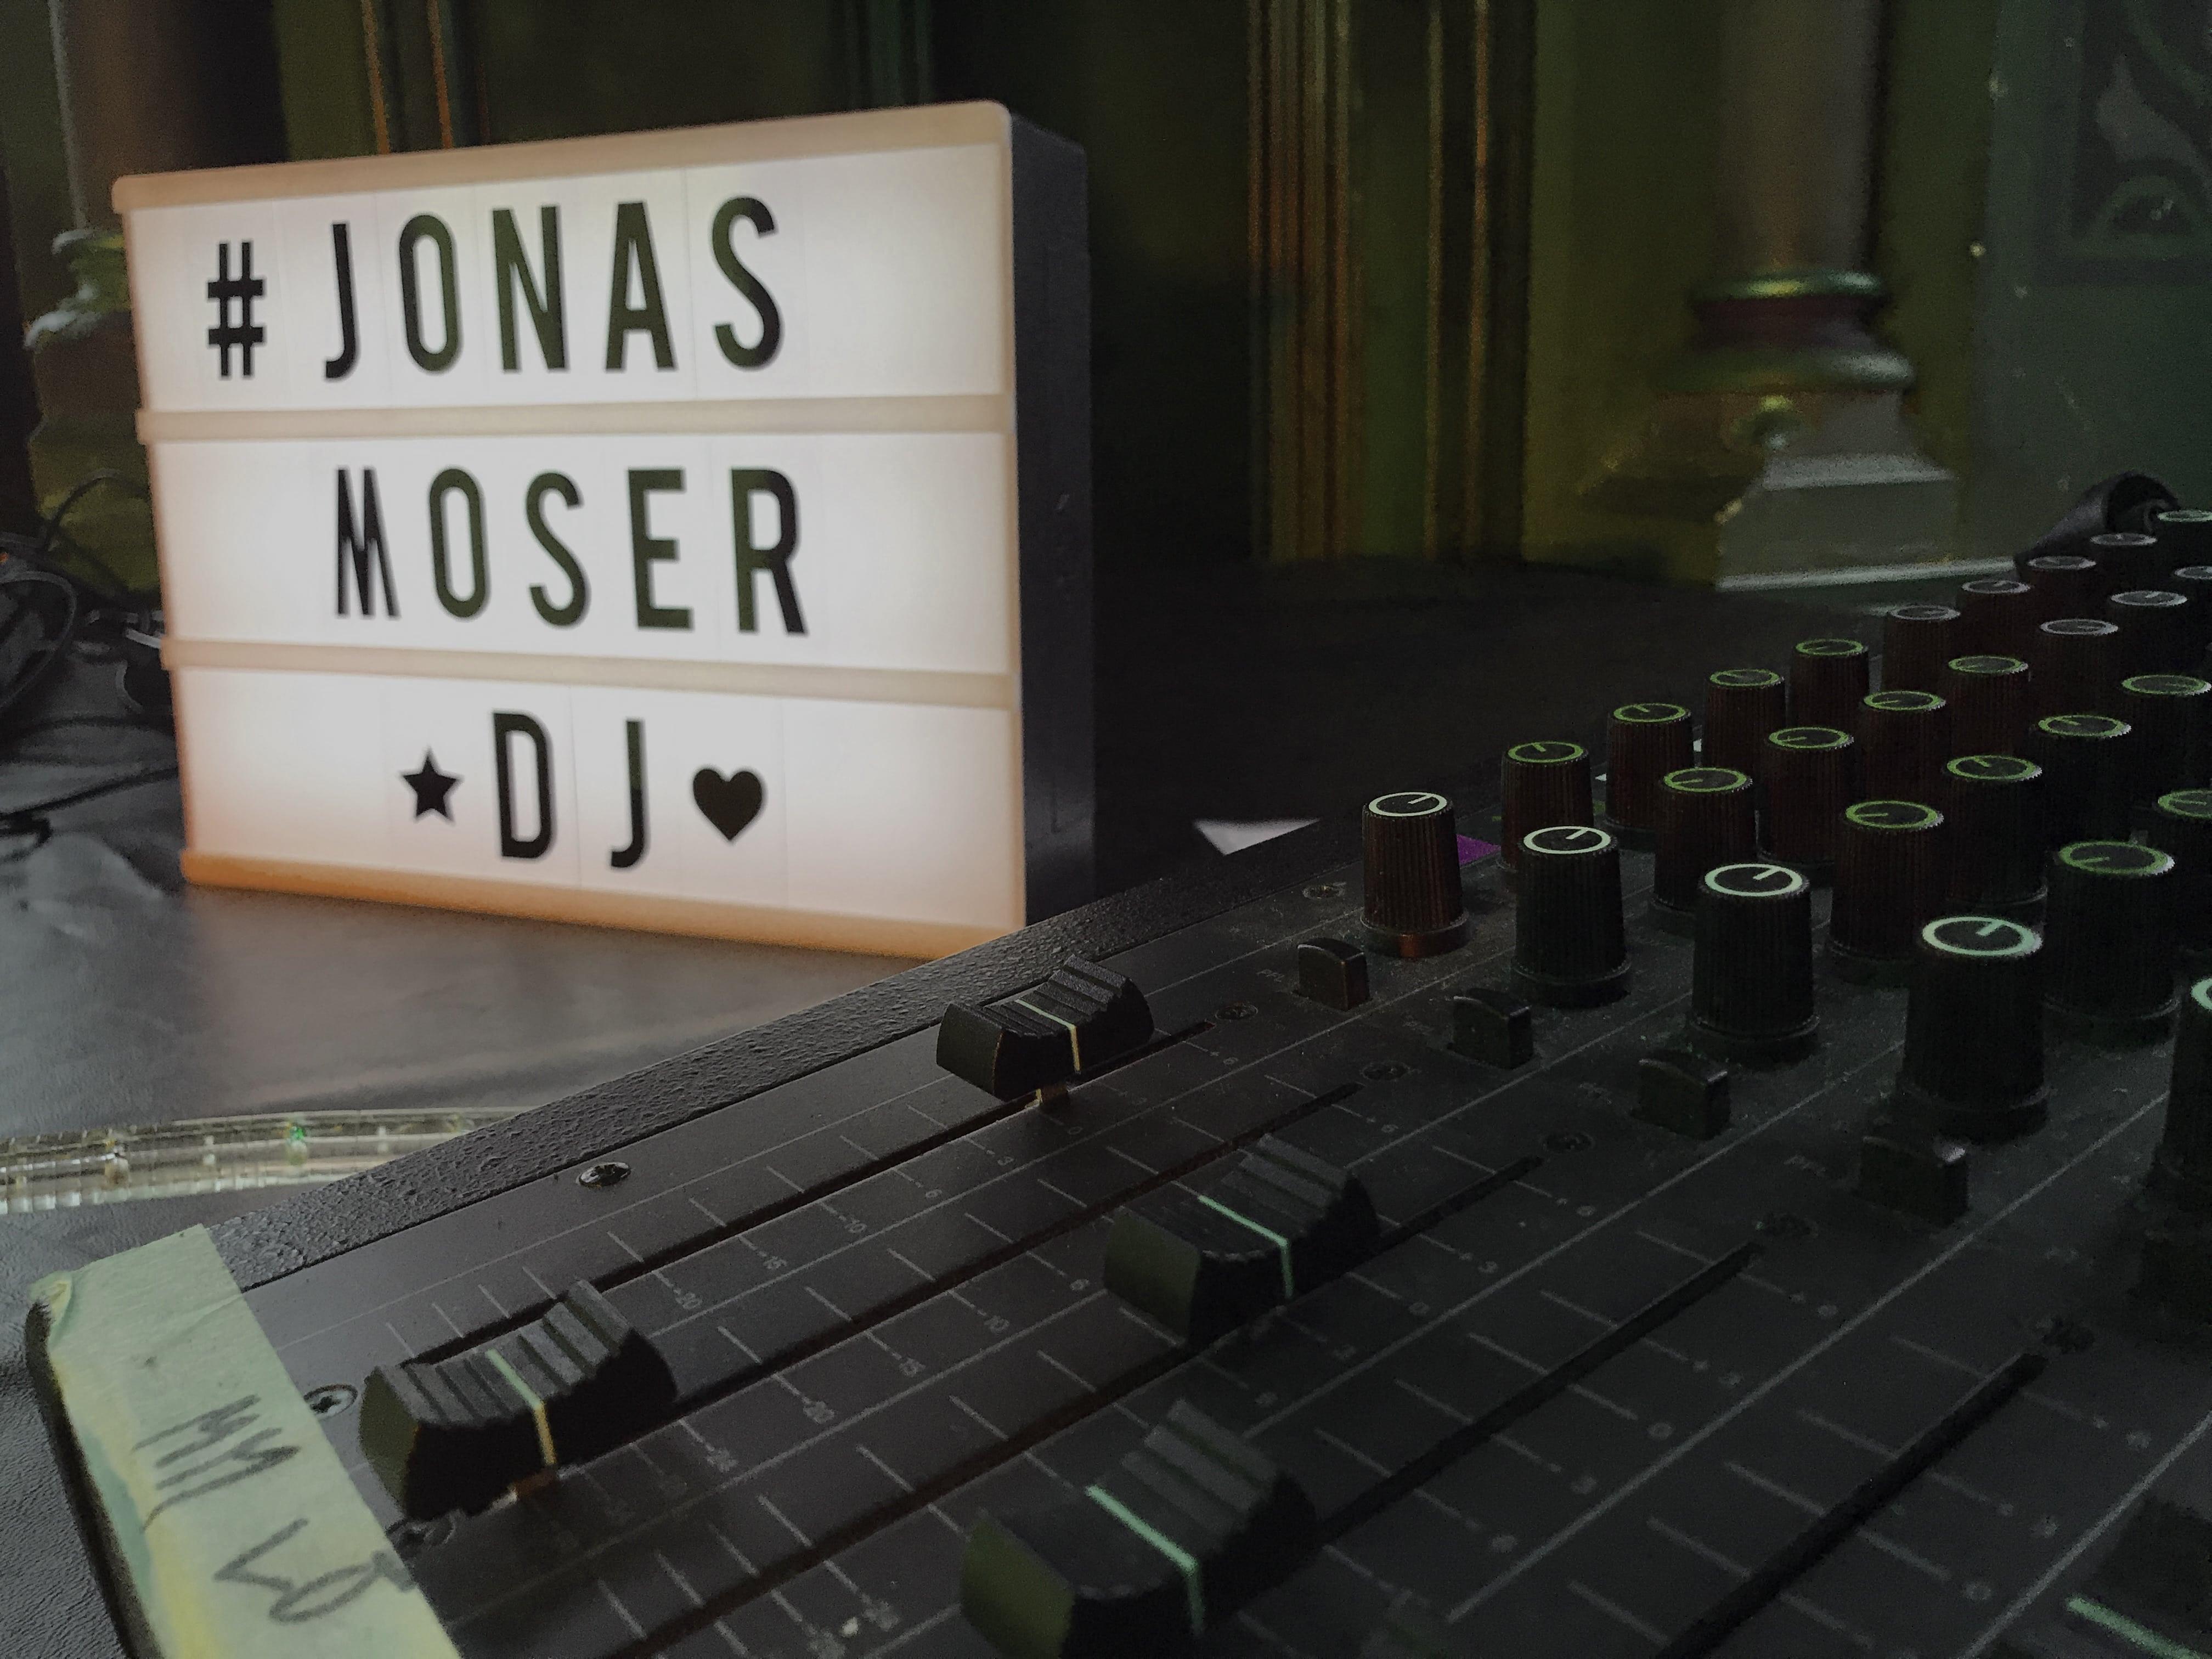 Jonas Moser DJ DJ Hochzeit 04 – gesehen bei frauimmer-herrewig.de